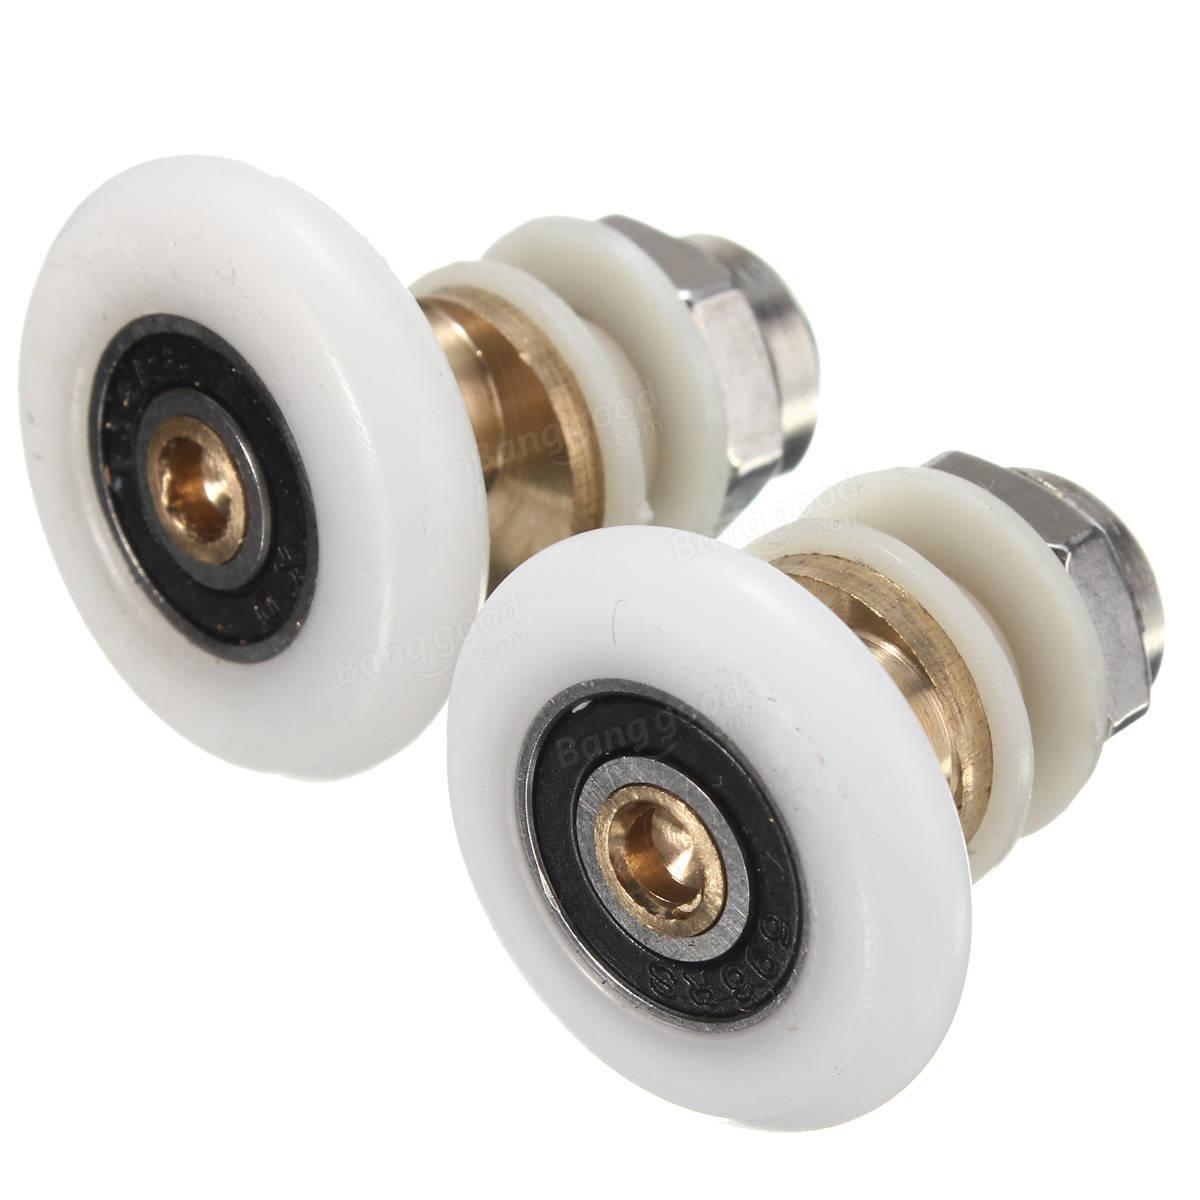 25 27mm Replacement Brass Bathroom Shower Door Roller